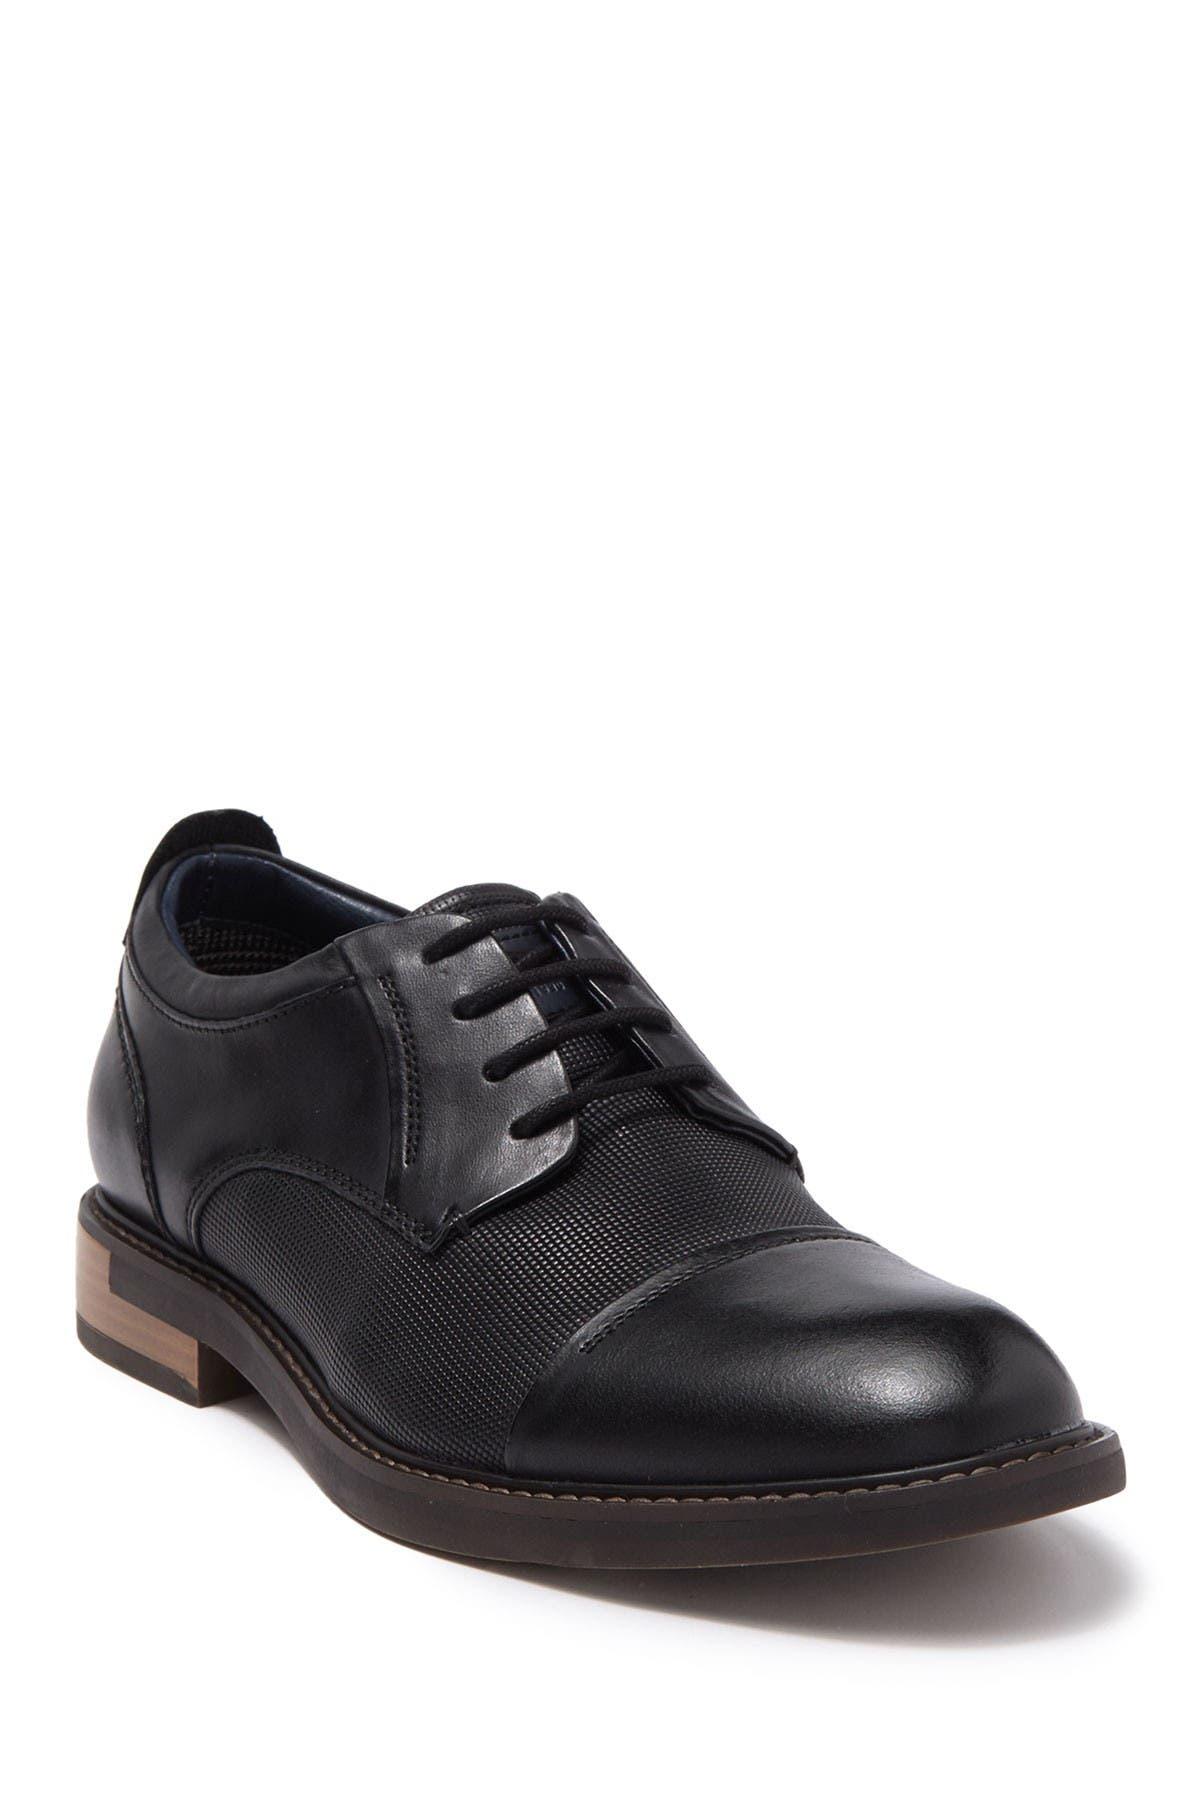 Image of Madden Eddison Shoe